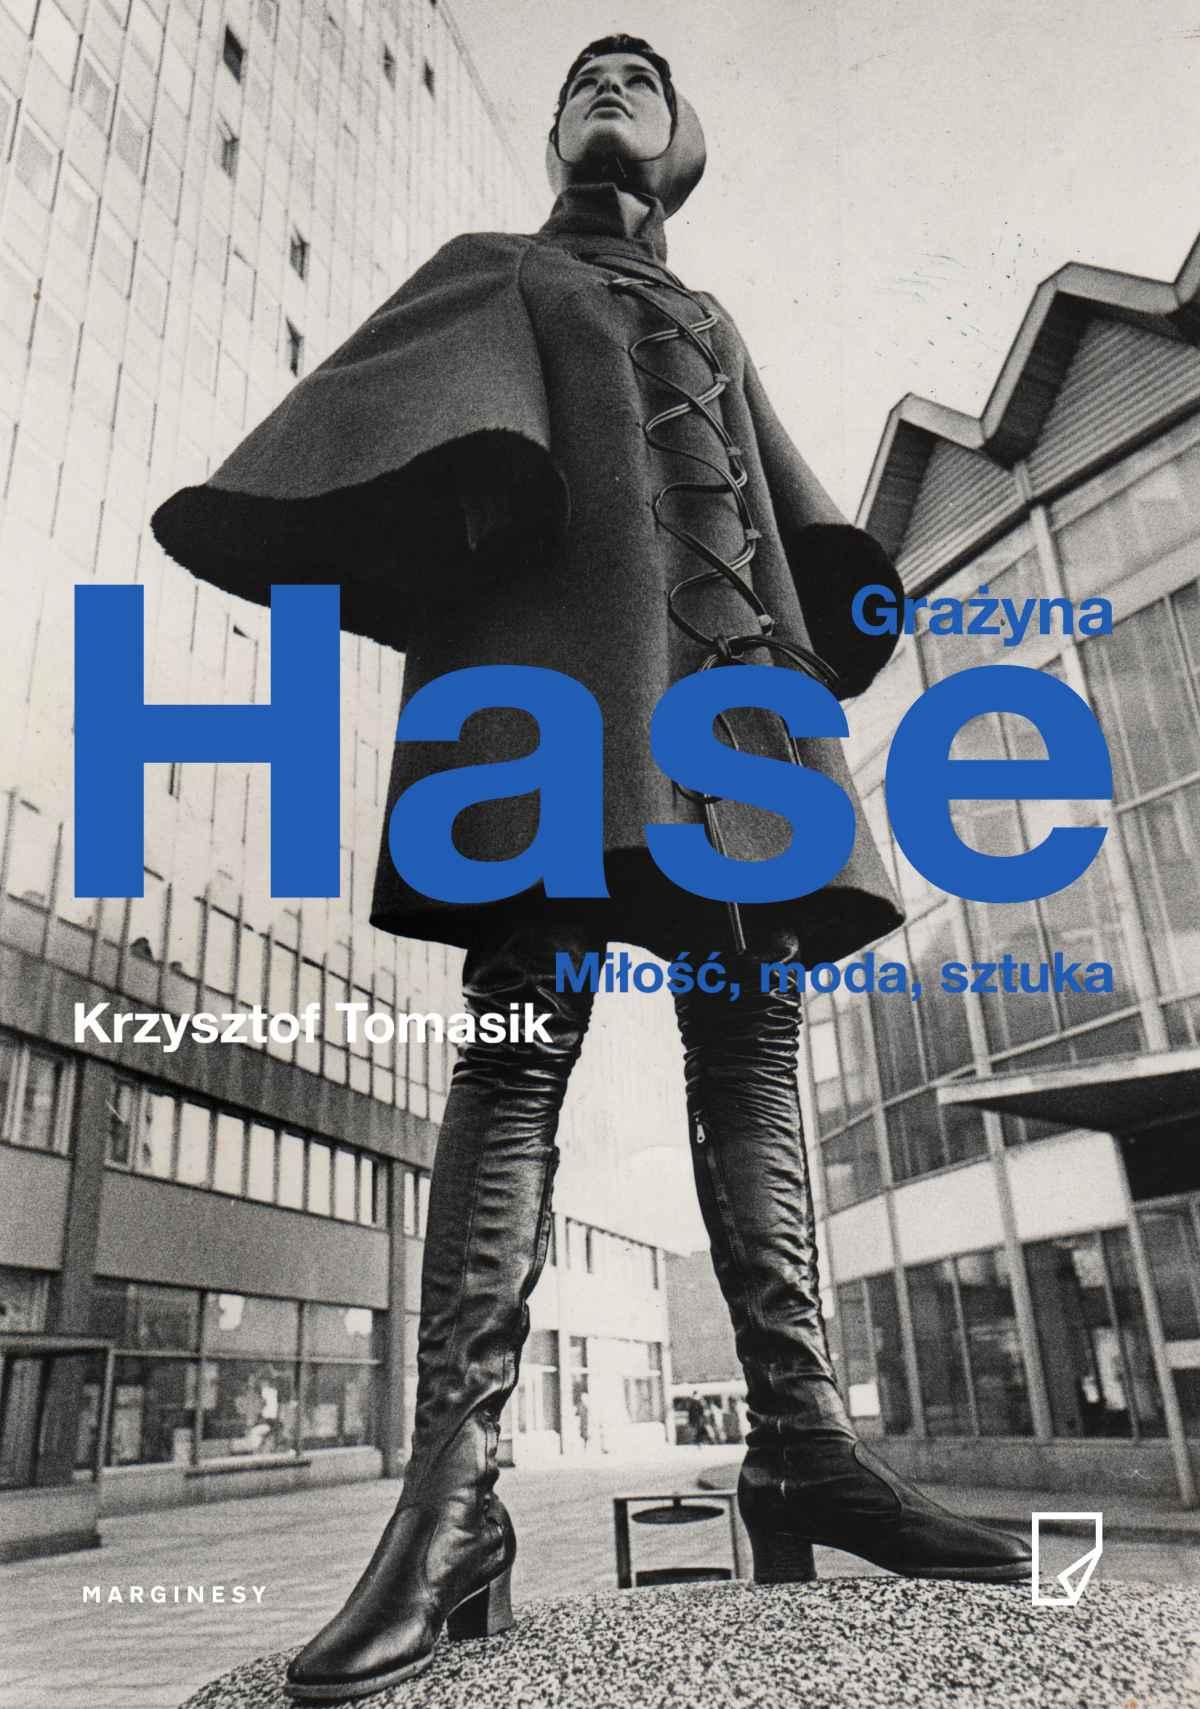 Grażyna Hase. Miłość, moda, sztuka - Ebook (Książka EPUB) do pobrania w formacie EPUB